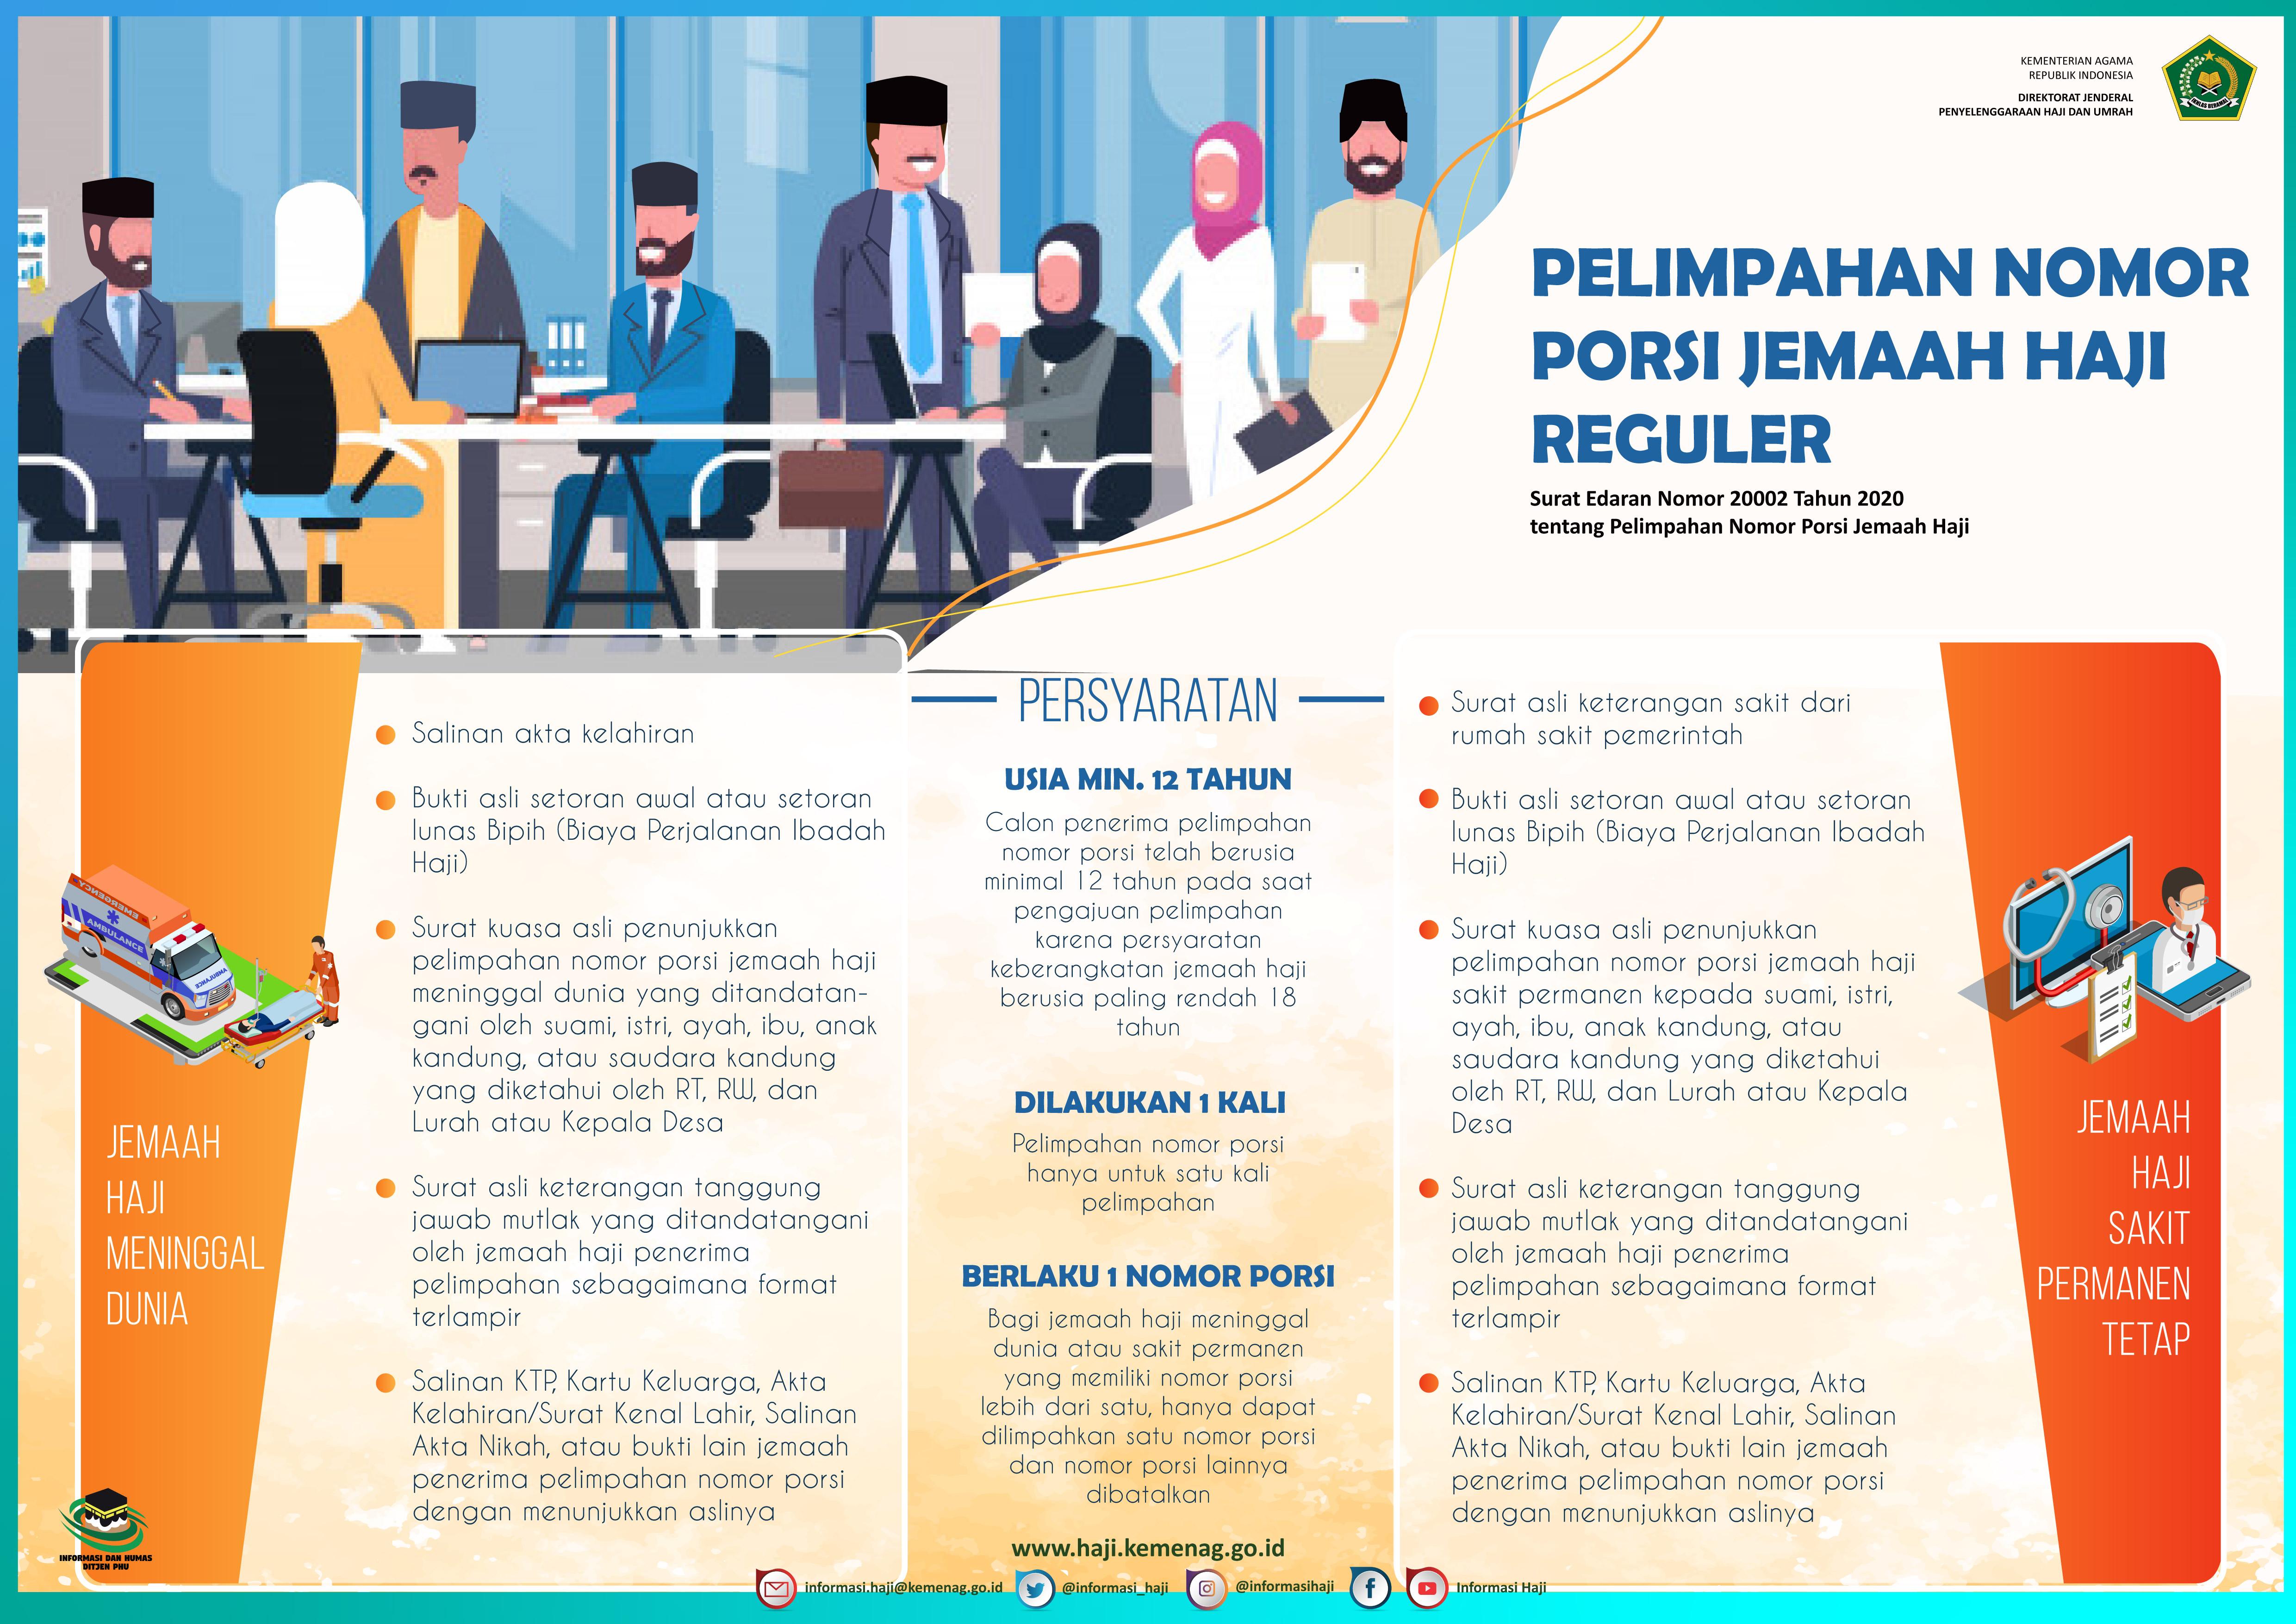 Prosedur Pelimpahan Nomor Porsi (Menukar / Mengganti) Peserta Calon Jamaah Haji Reguler